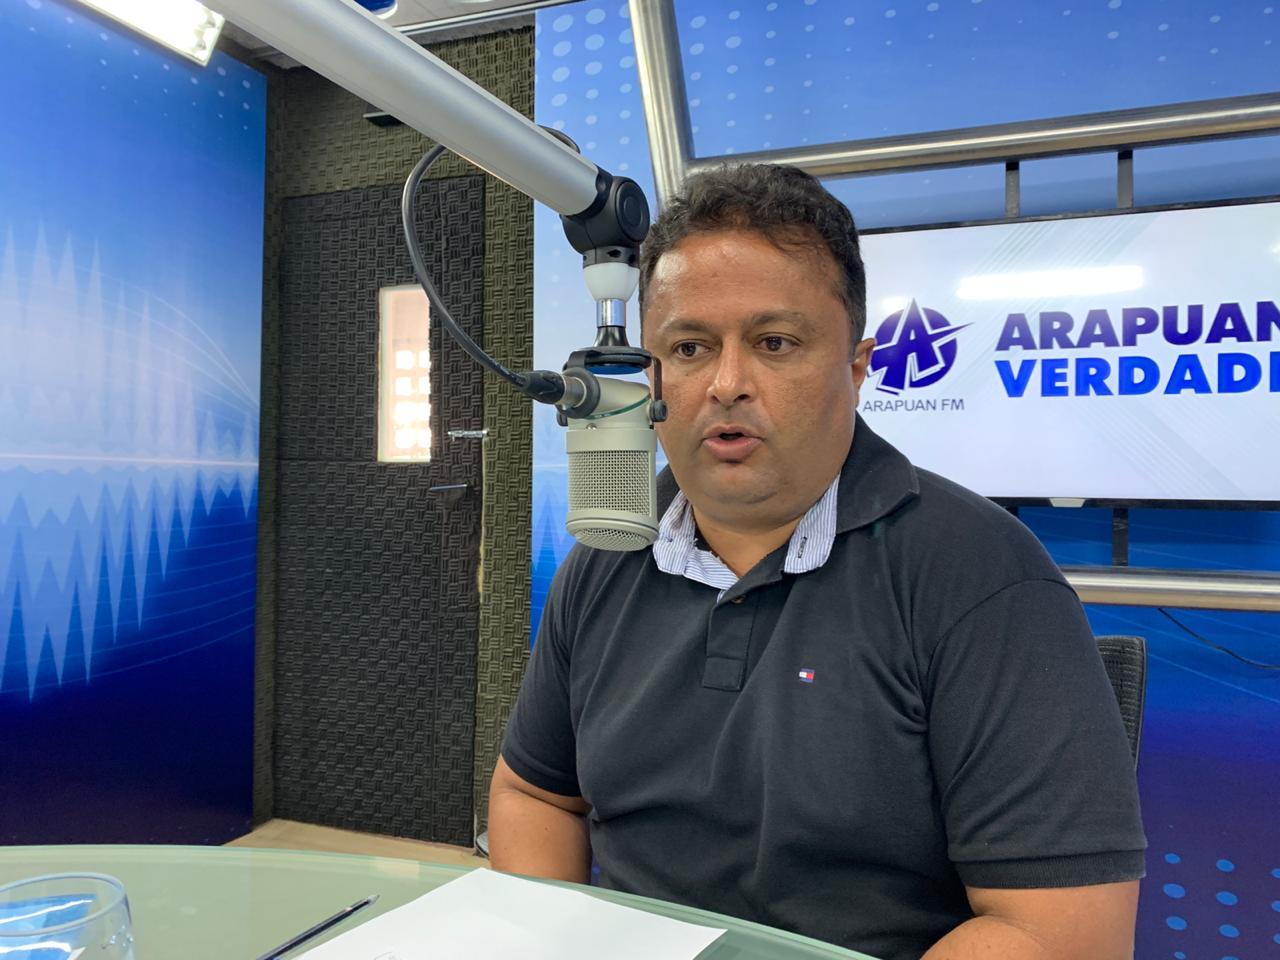 jackson macedo - 'O PT precisa organizar seu papel estratégico', Jackson Macedo comenta ação do partido no governo Bolsonaro